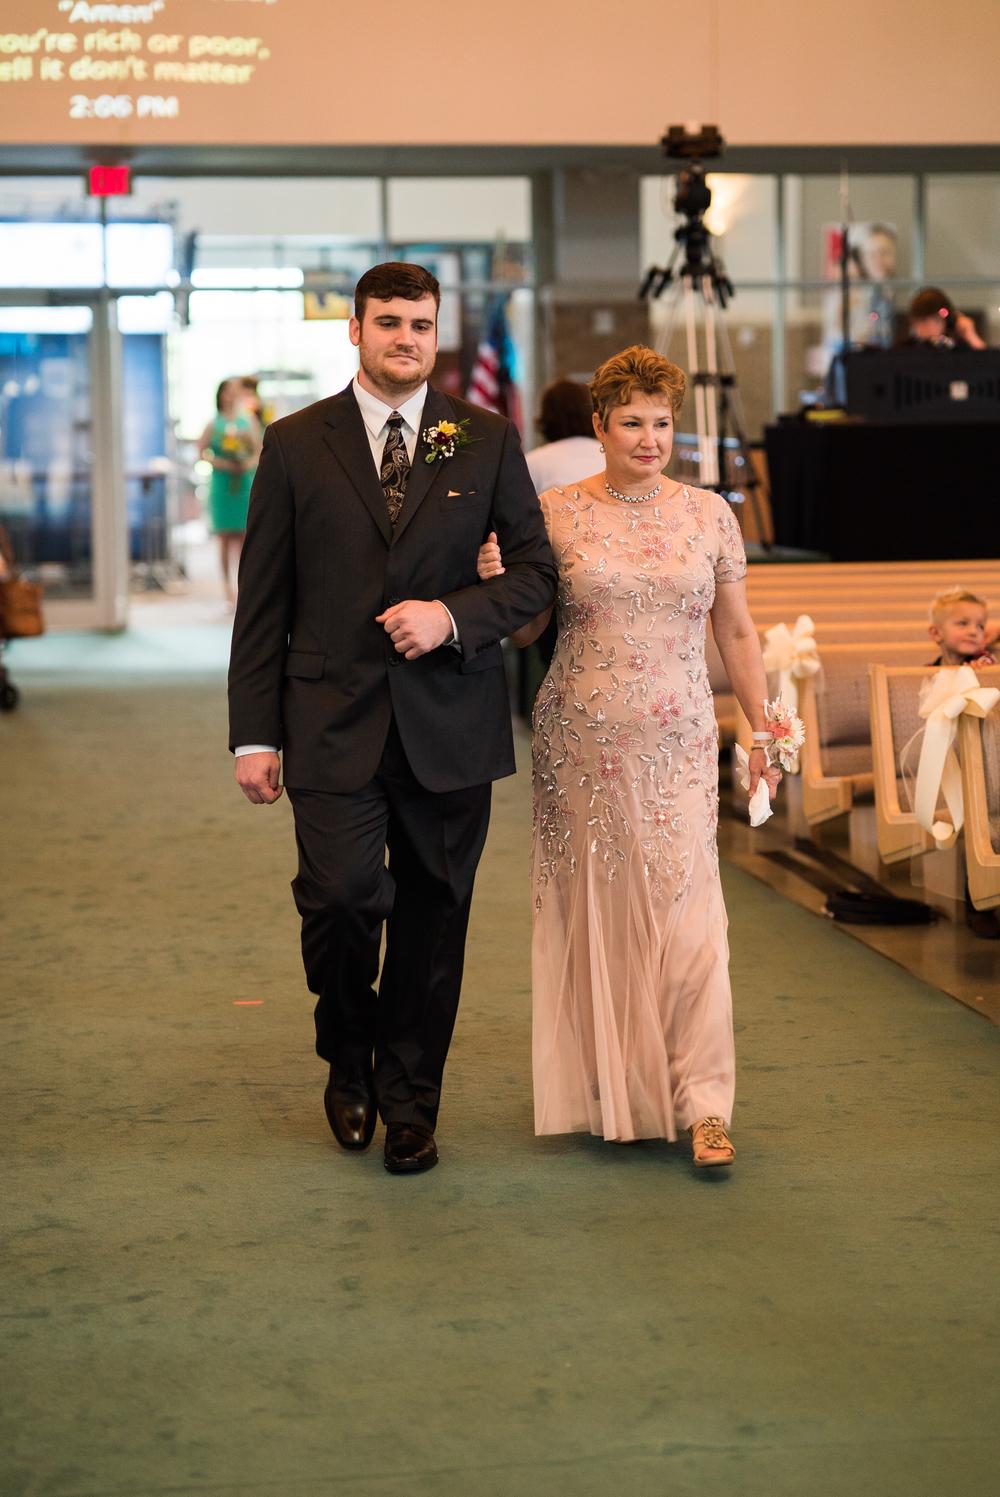 06-04-16_Ramsey_ceremony_aisle-16.jpg